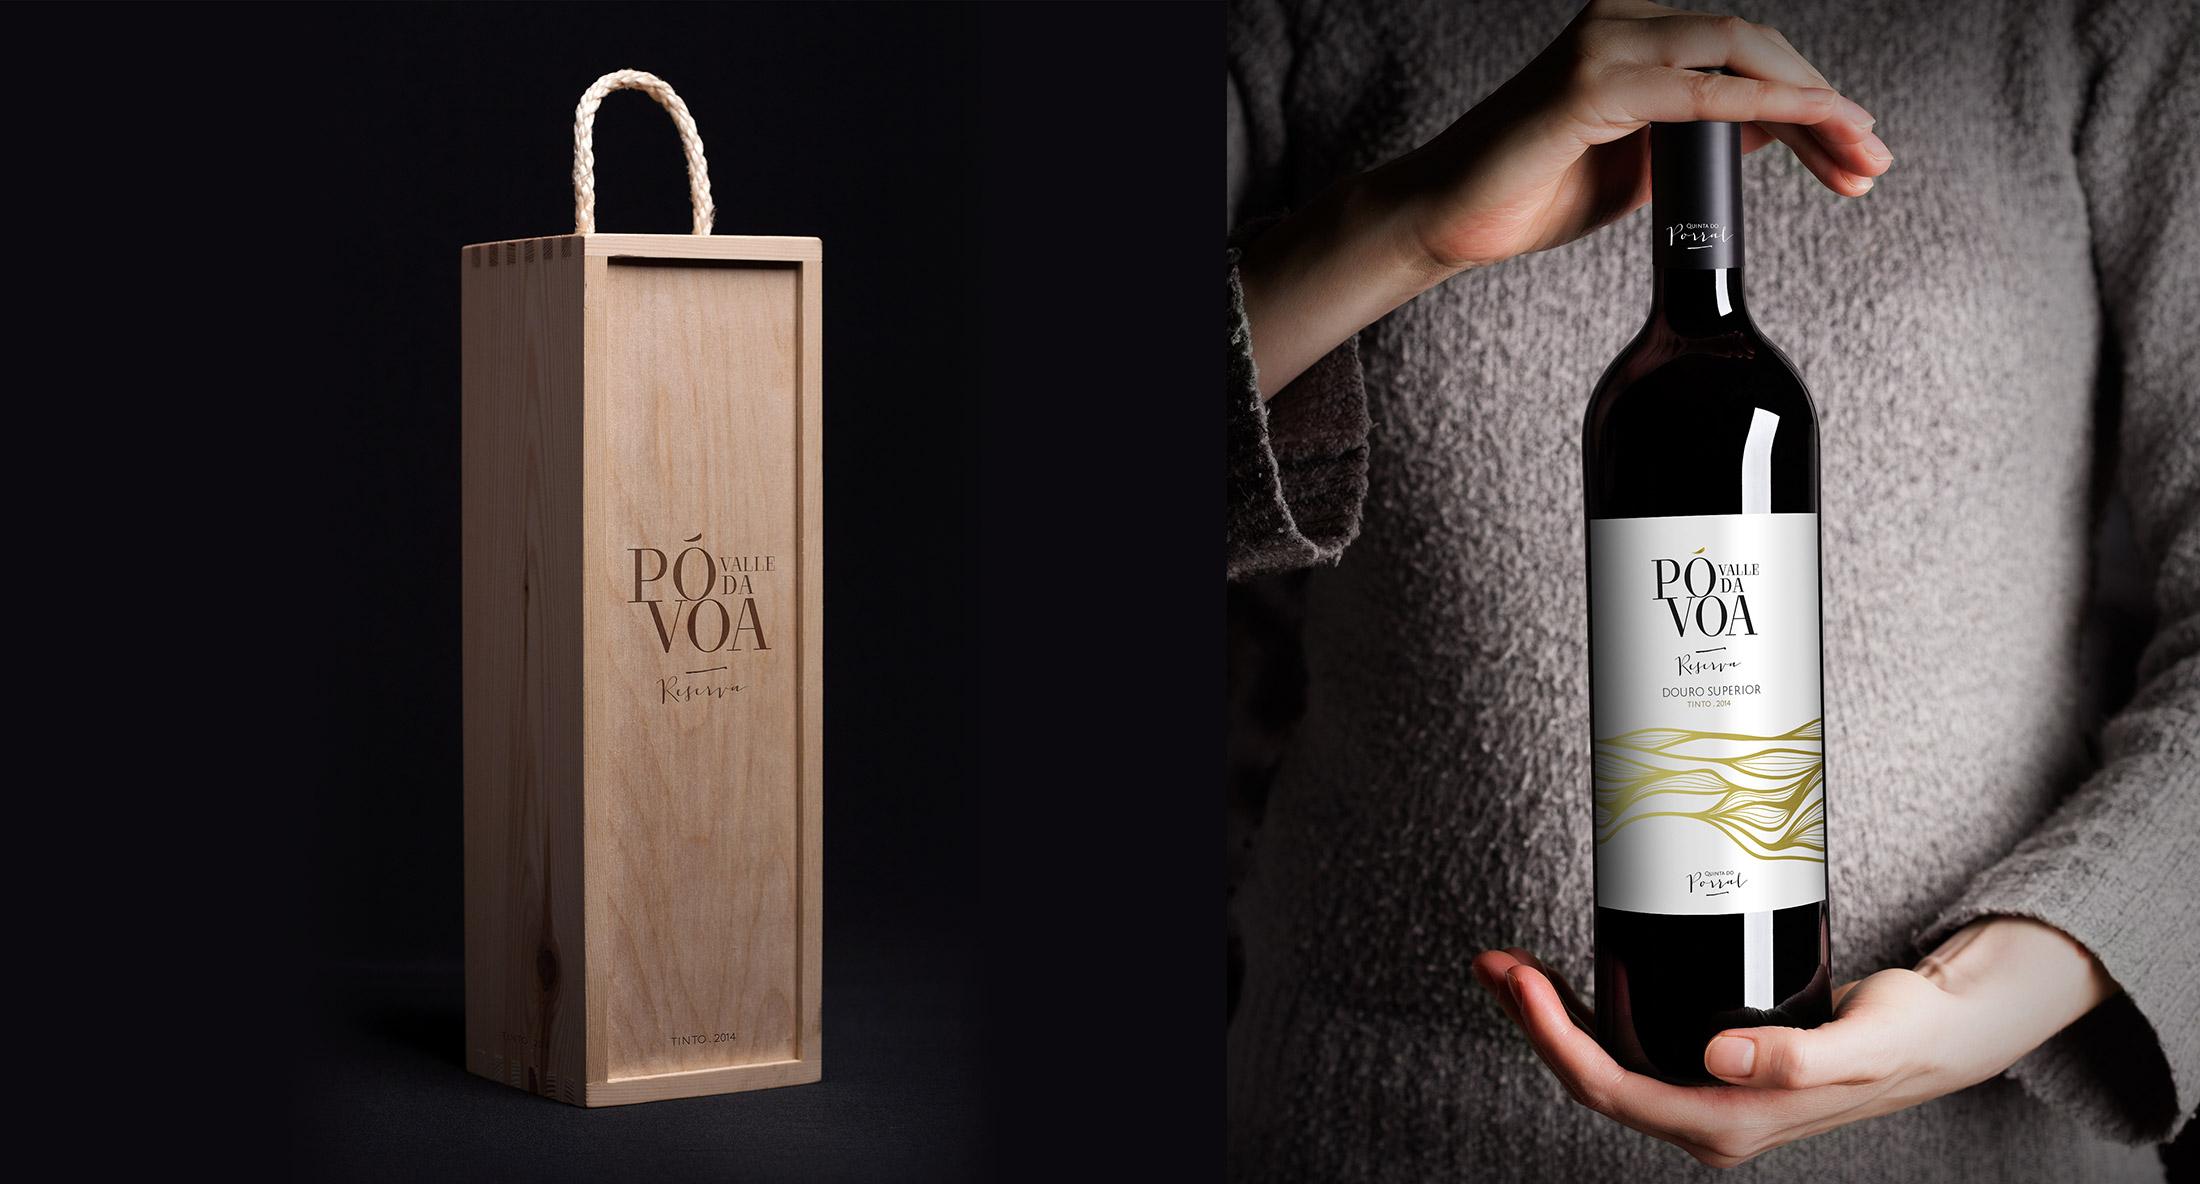 Embalagem e garrada de vinho Valle da Póvoa